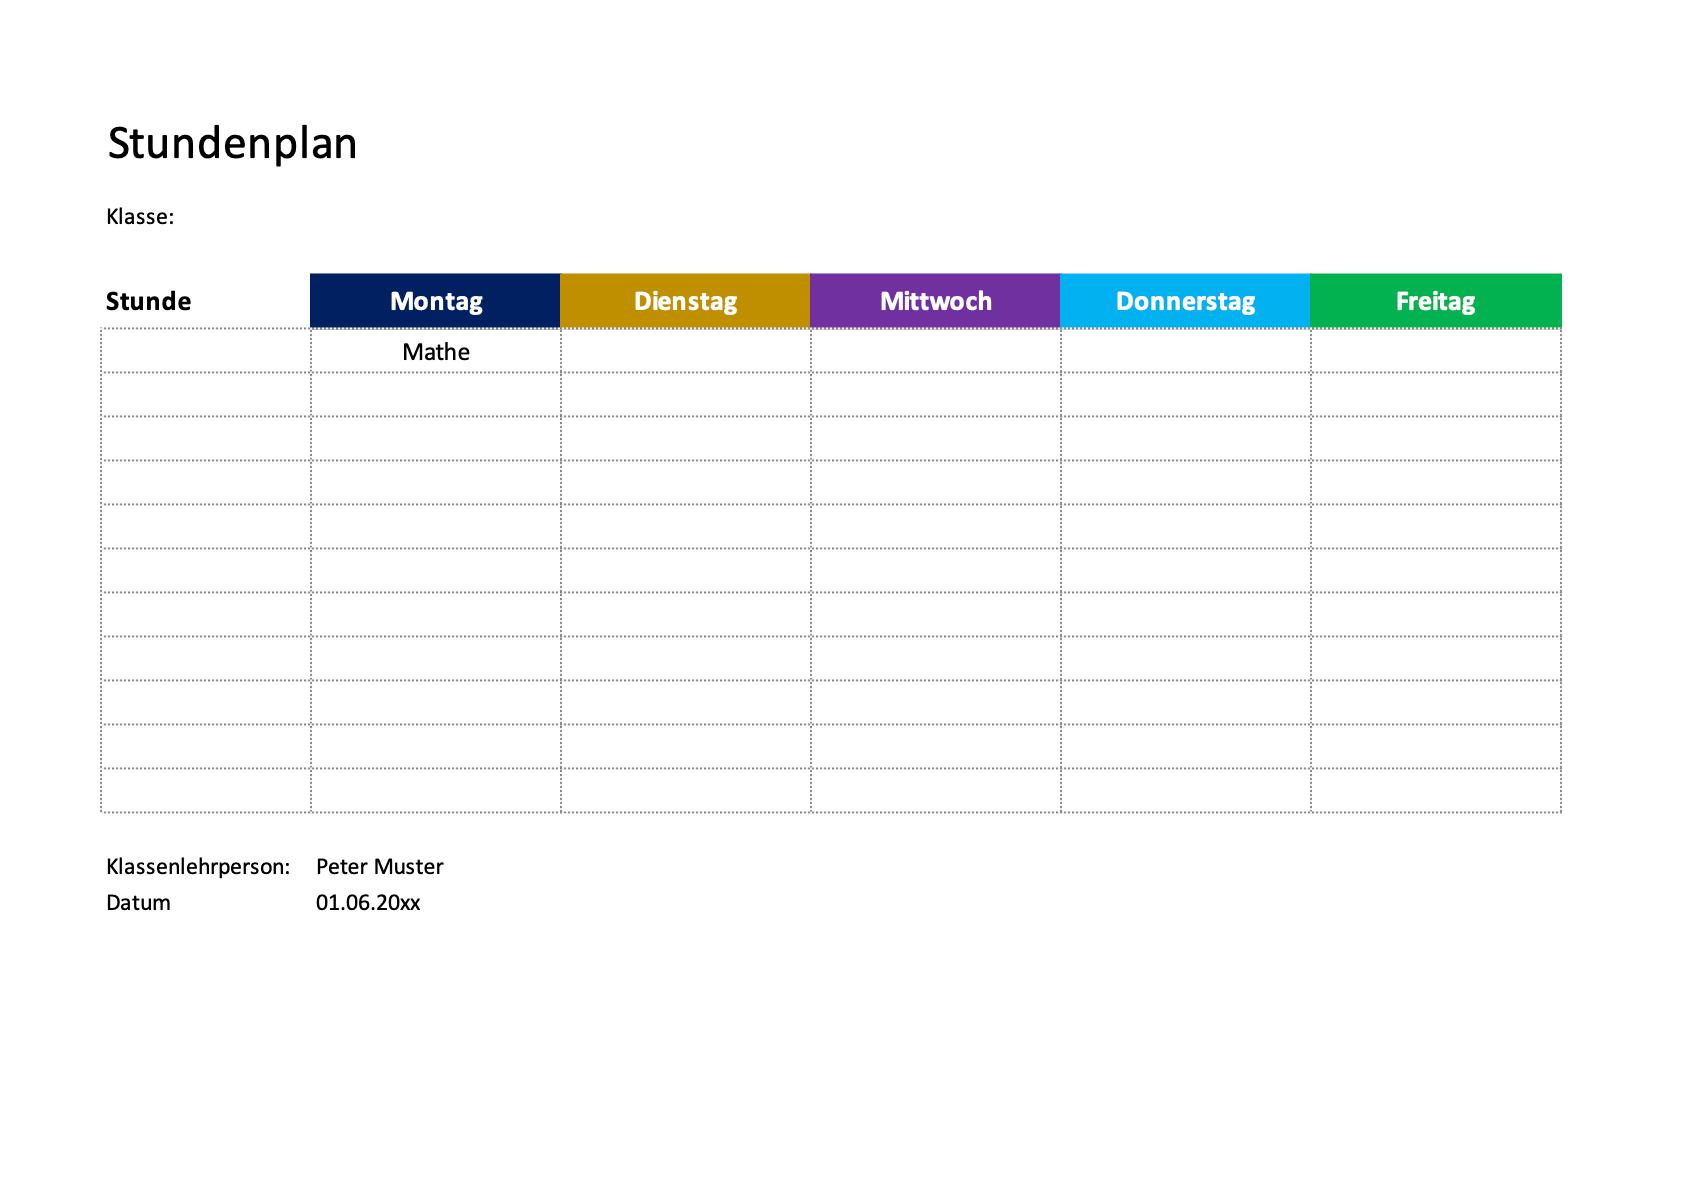 Stundenplan Vorlagen Excel Zum Download Ausdrucken